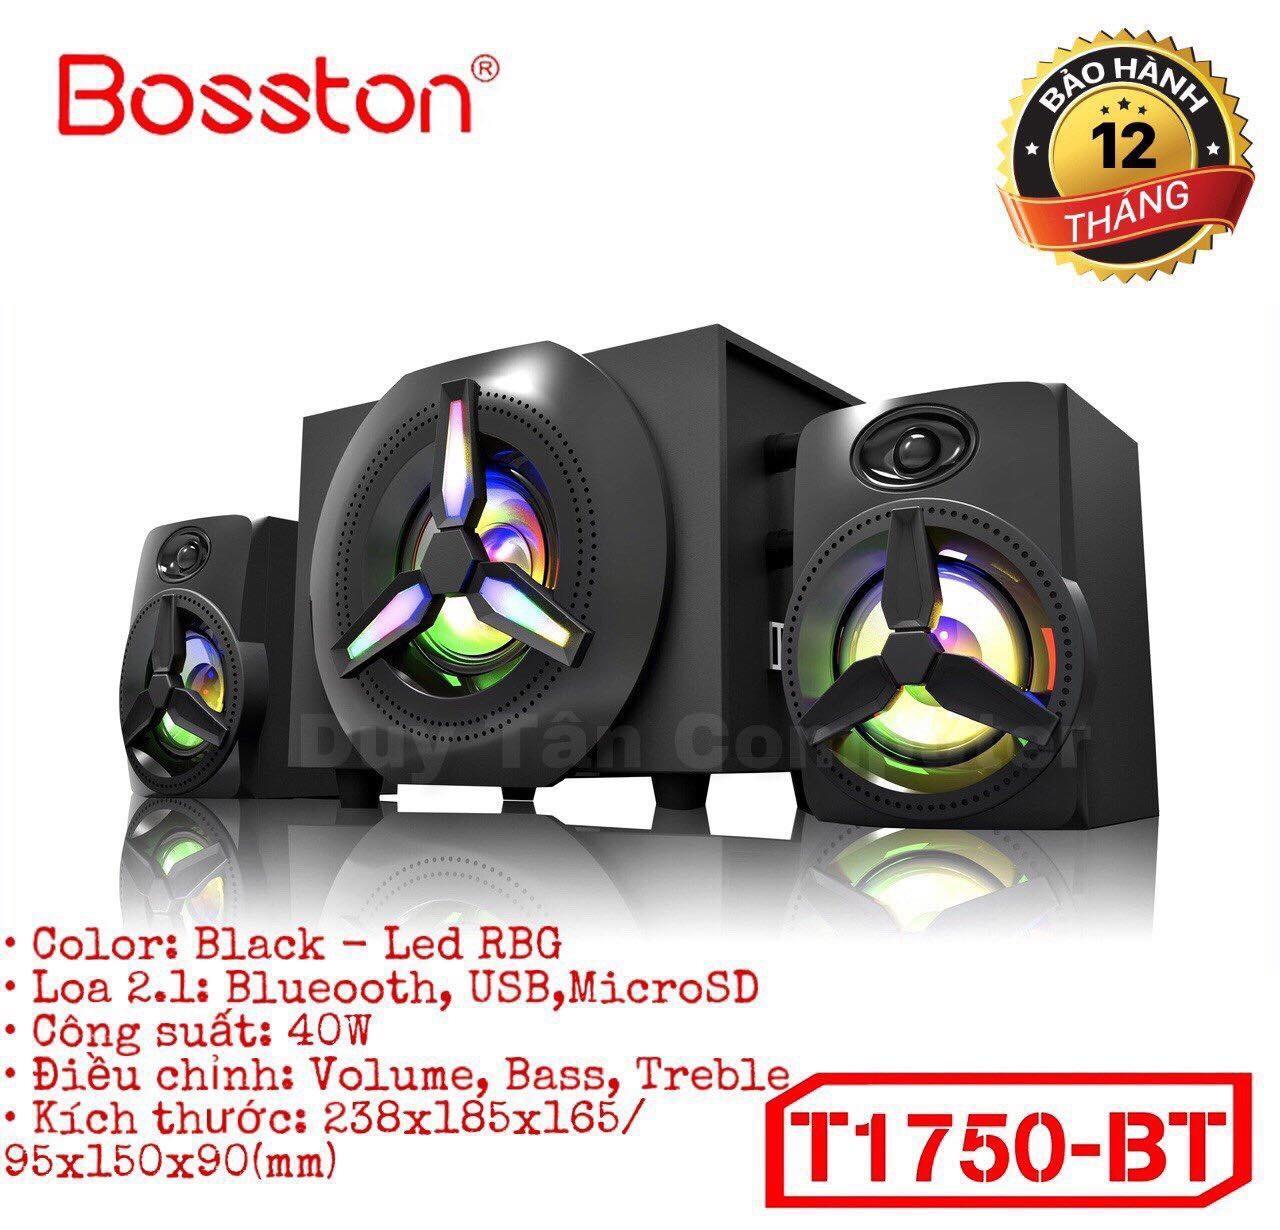 Bảng giá Loa Vi Tính 2.1 Bluetooth BOSSTON T1750-BT Led RGB Phong Vũ